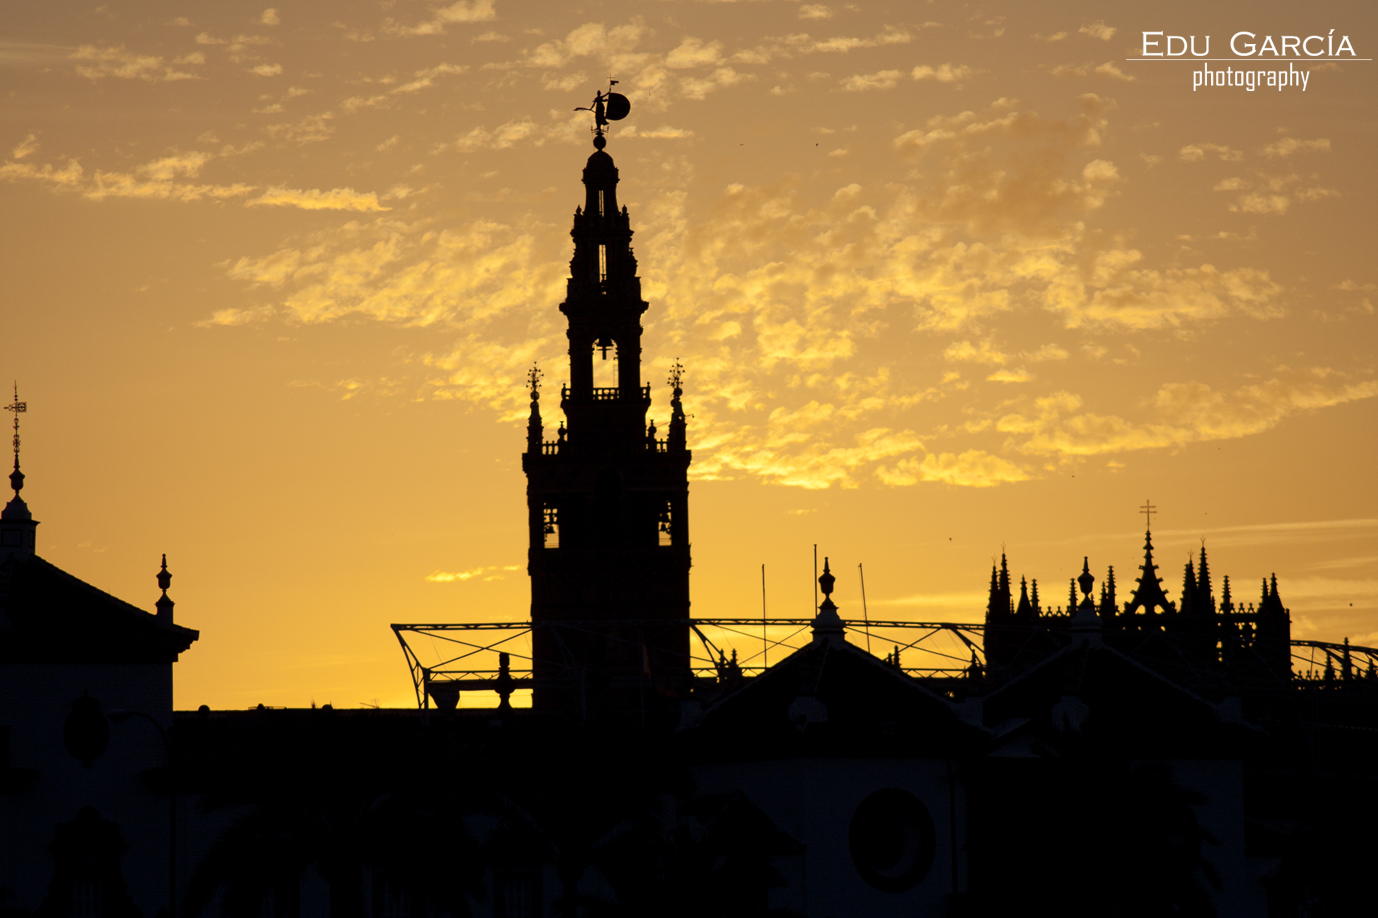 Amaneciendo Sevilla